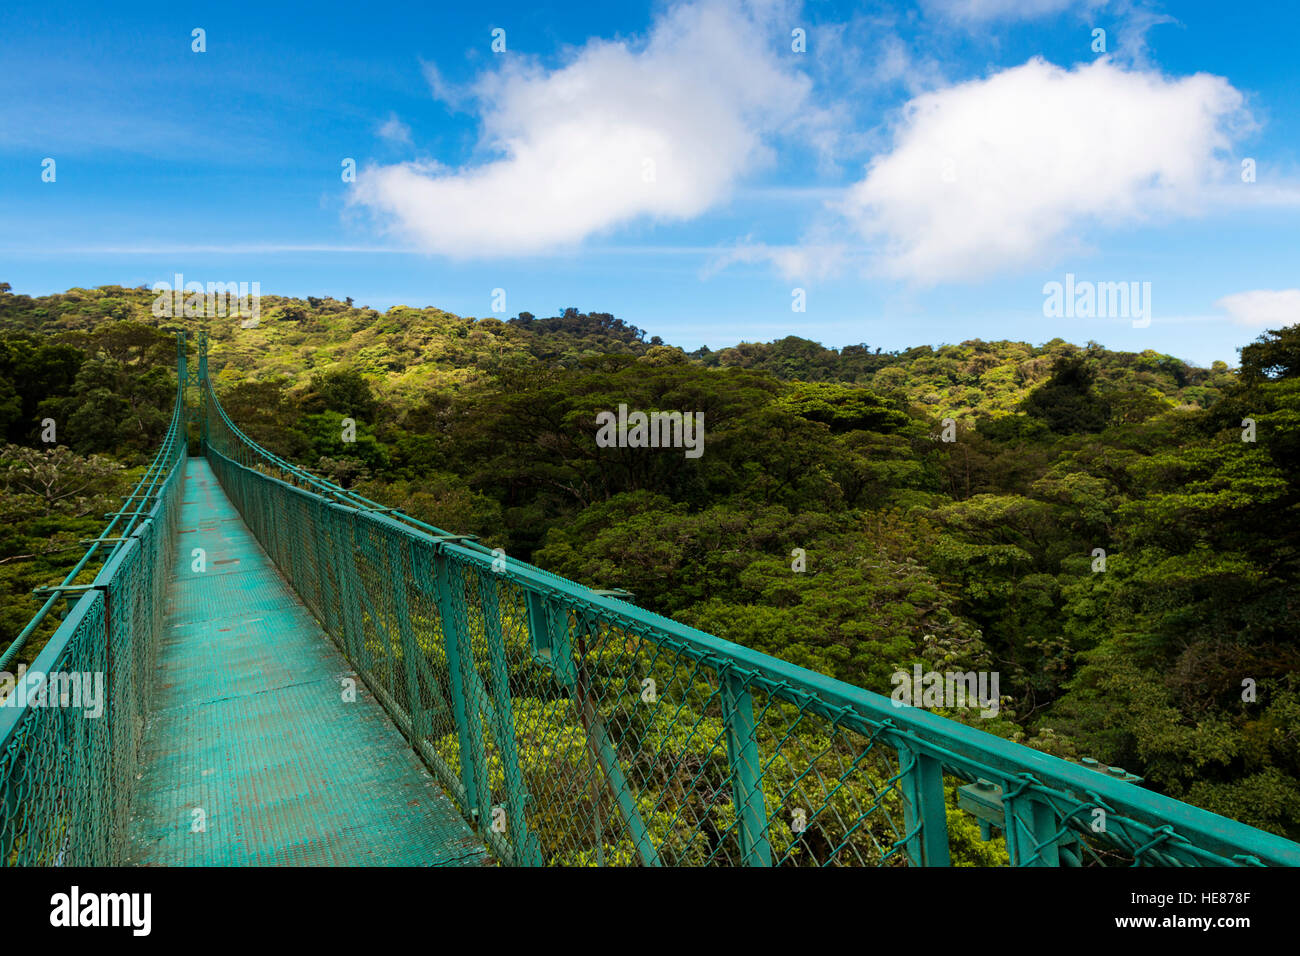 Pont suspendu sur le feuillage des arbres à Monteverde, Costa Rica, Amérique Centrale Photo Stock